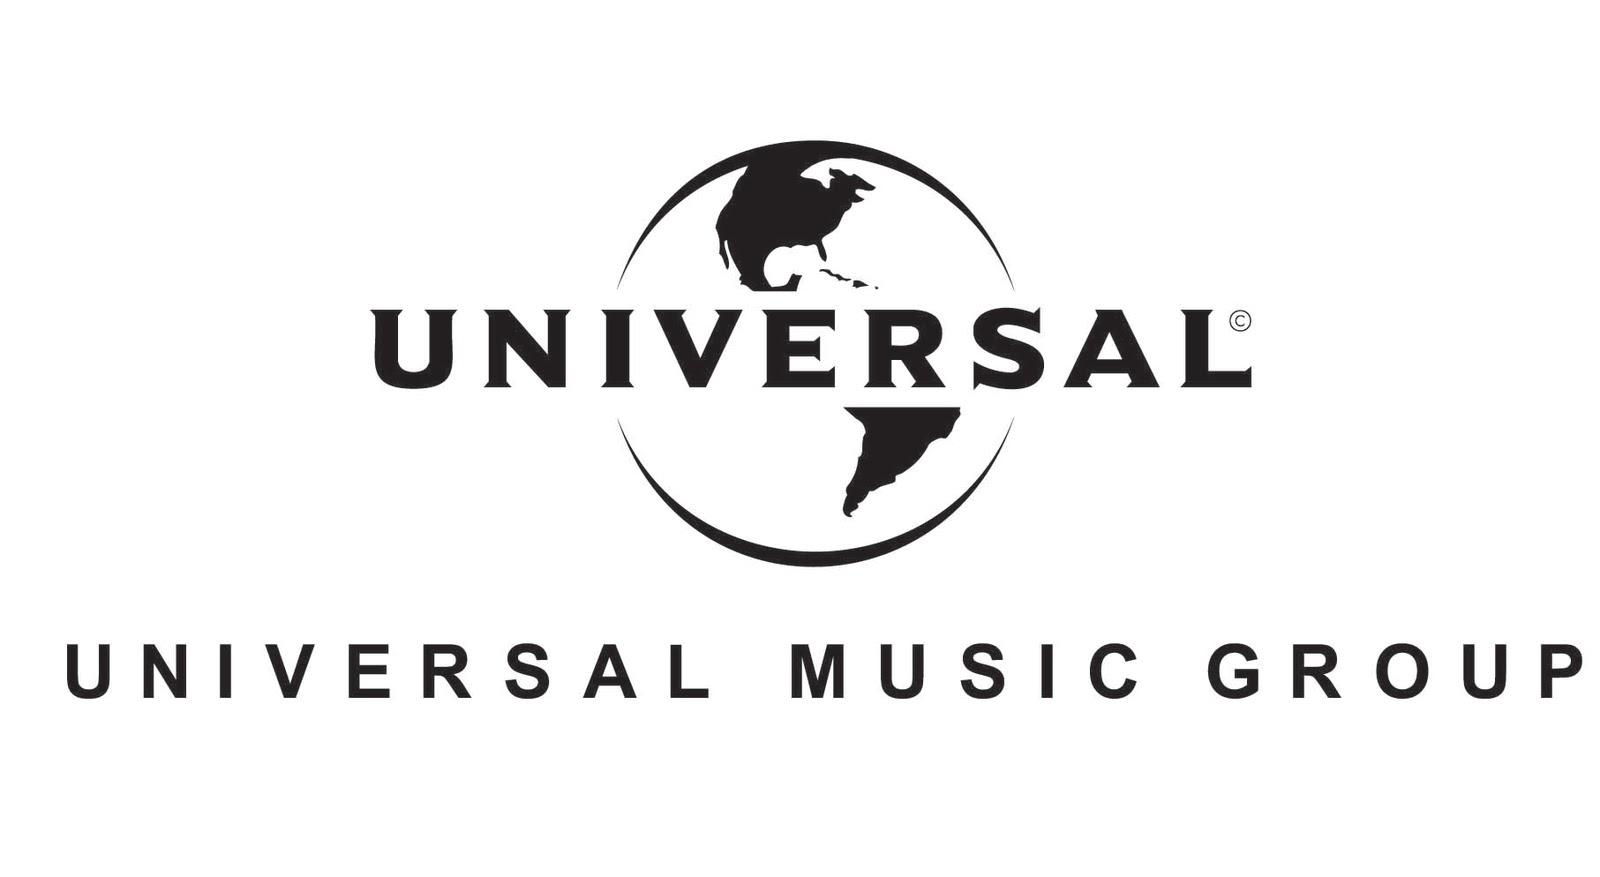 ユニバーサル・ミュージック・グループ 親会社 に対する画像結果